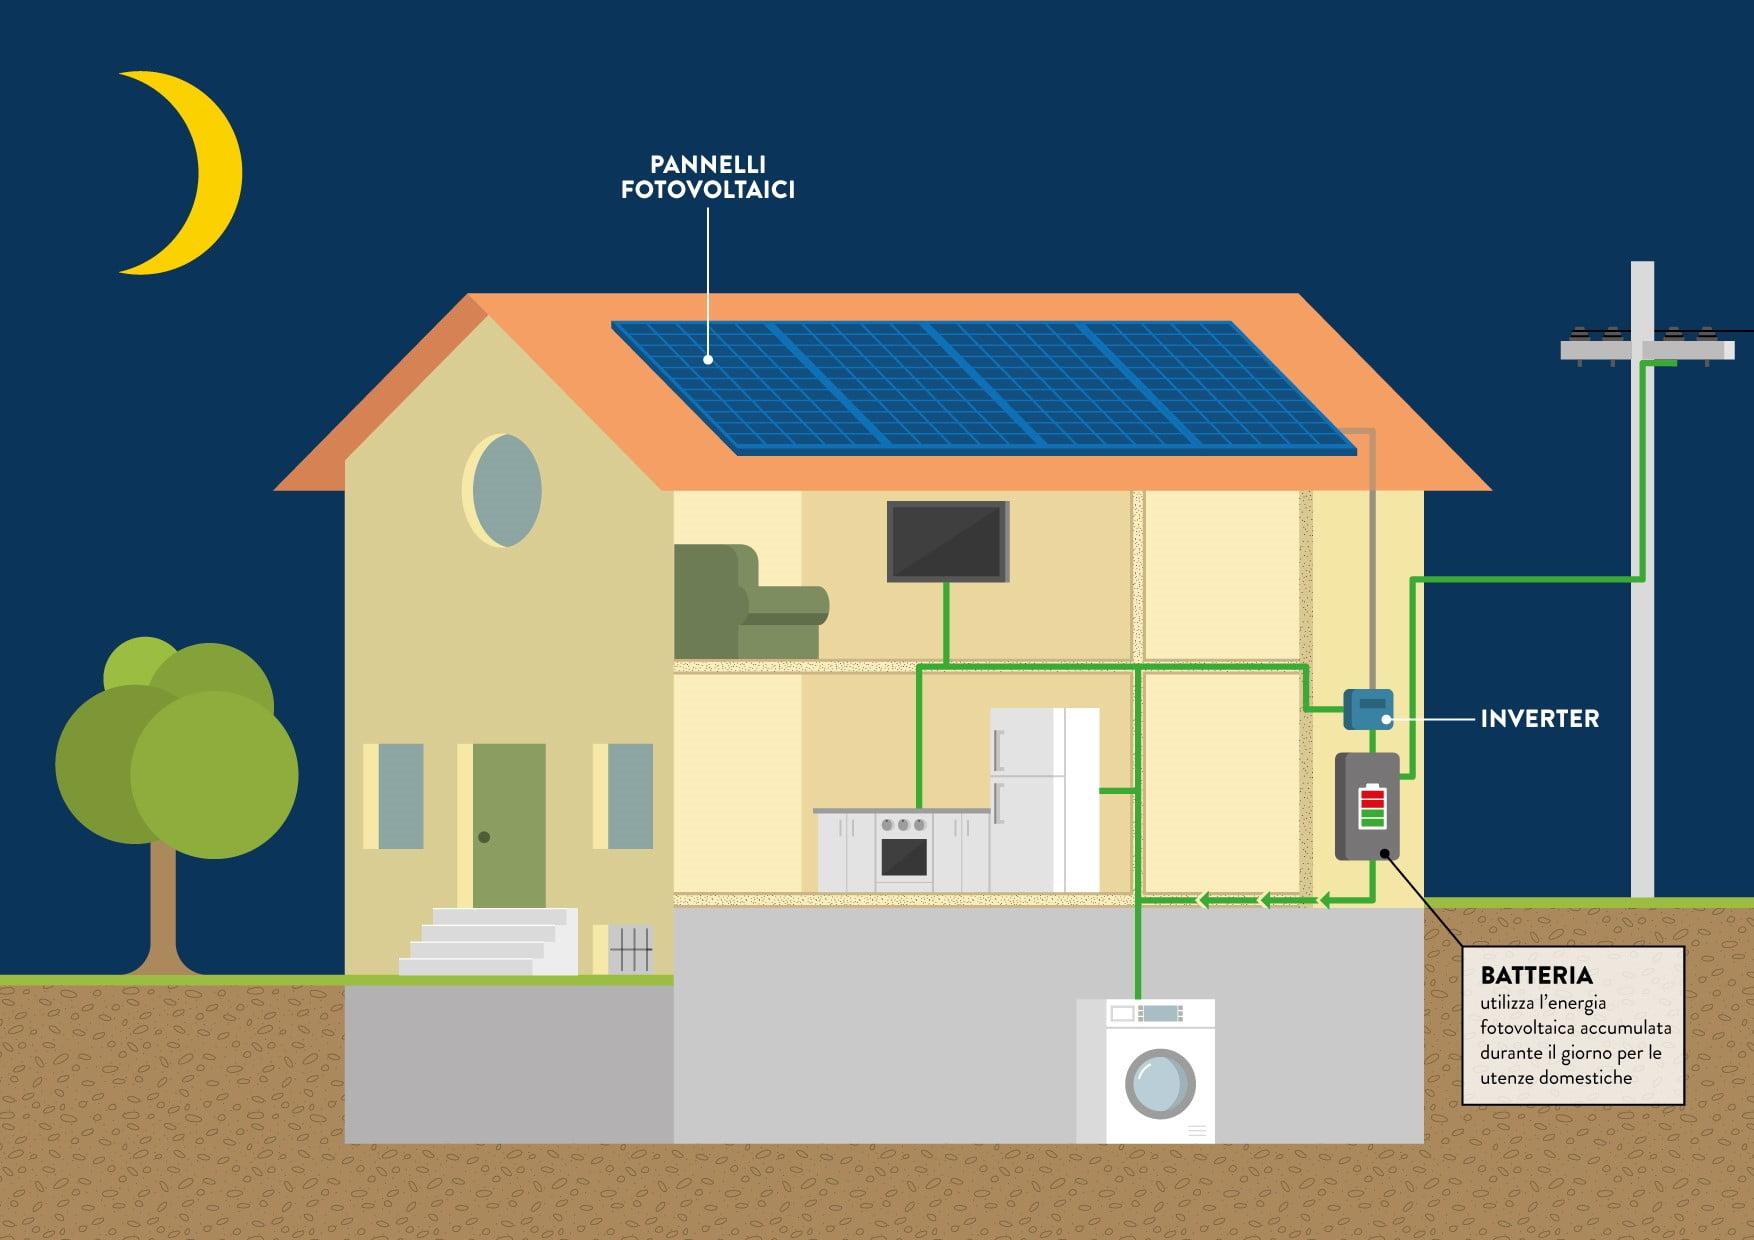 sistemi di accumulo,batterie,batterie fotovoltaico,indipendenza energetica,piattaforma monitoraggio solaredge